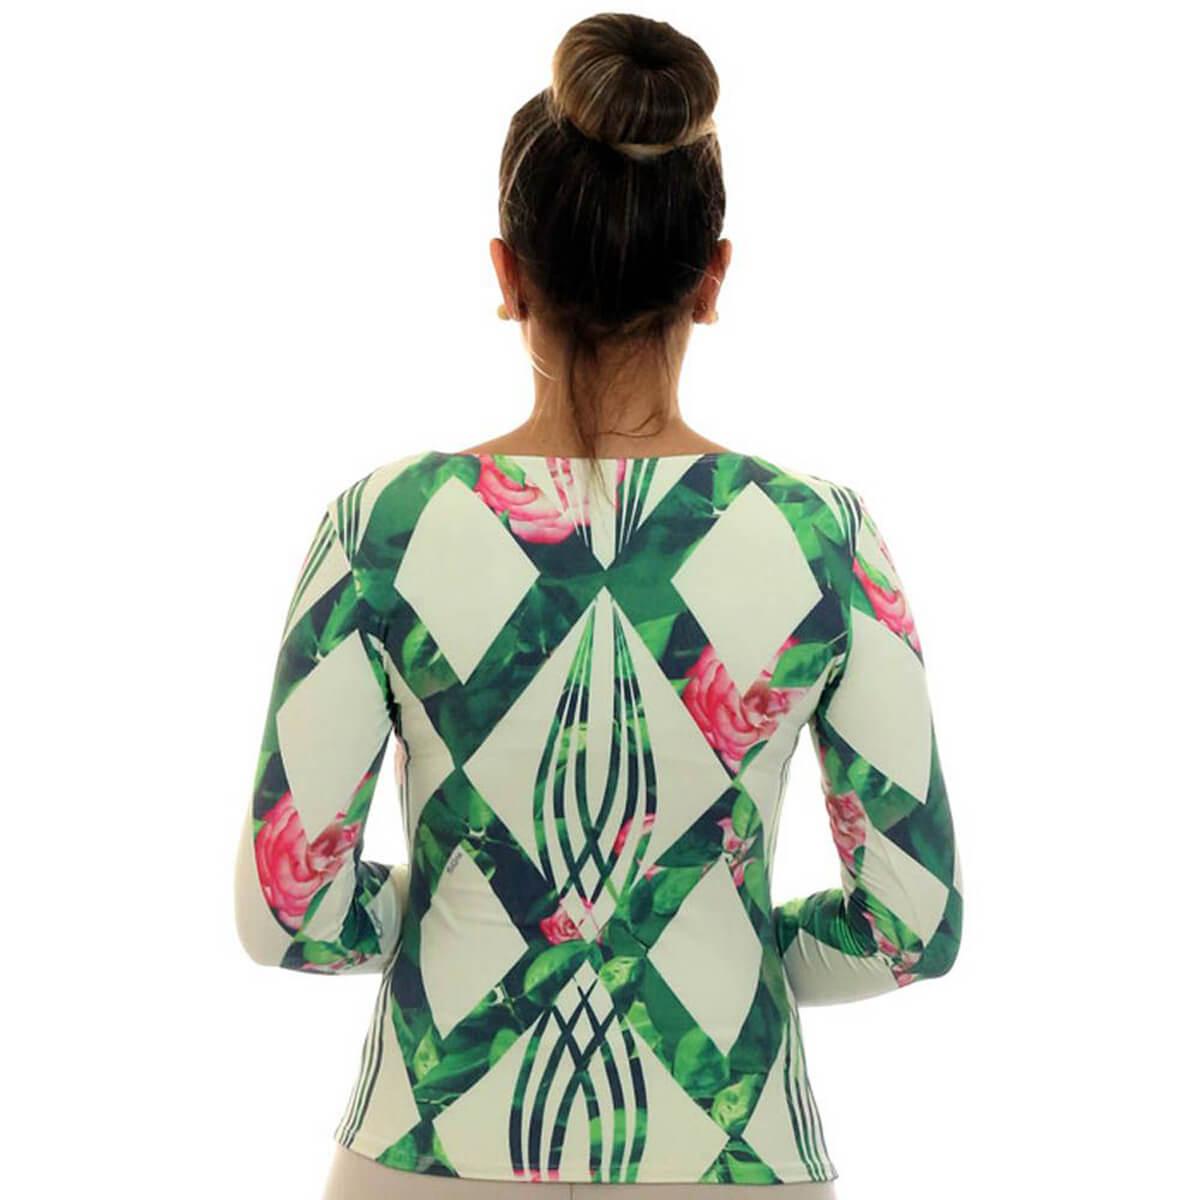 Blusa Feminina Manga Longa Estampa Geométrica Exclusiva Verde com Flores Decote Redondo